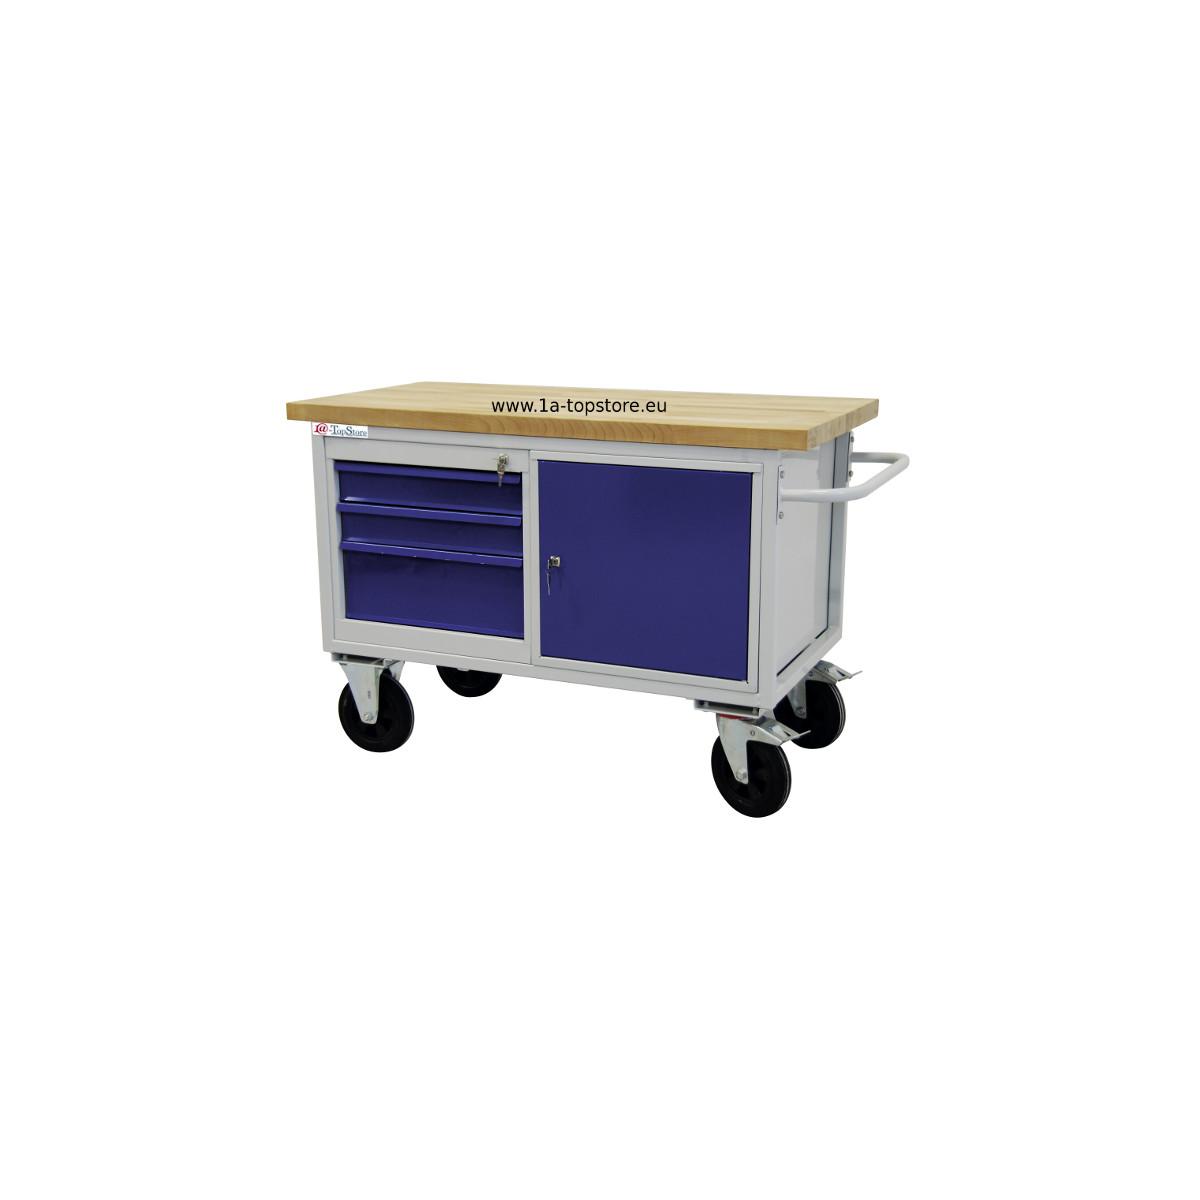 werkbank tischwagen mowa auf rollen mit 3 schubladen schrankfach u 530 67. Black Bedroom Furniture Sets. Home Design Ideas